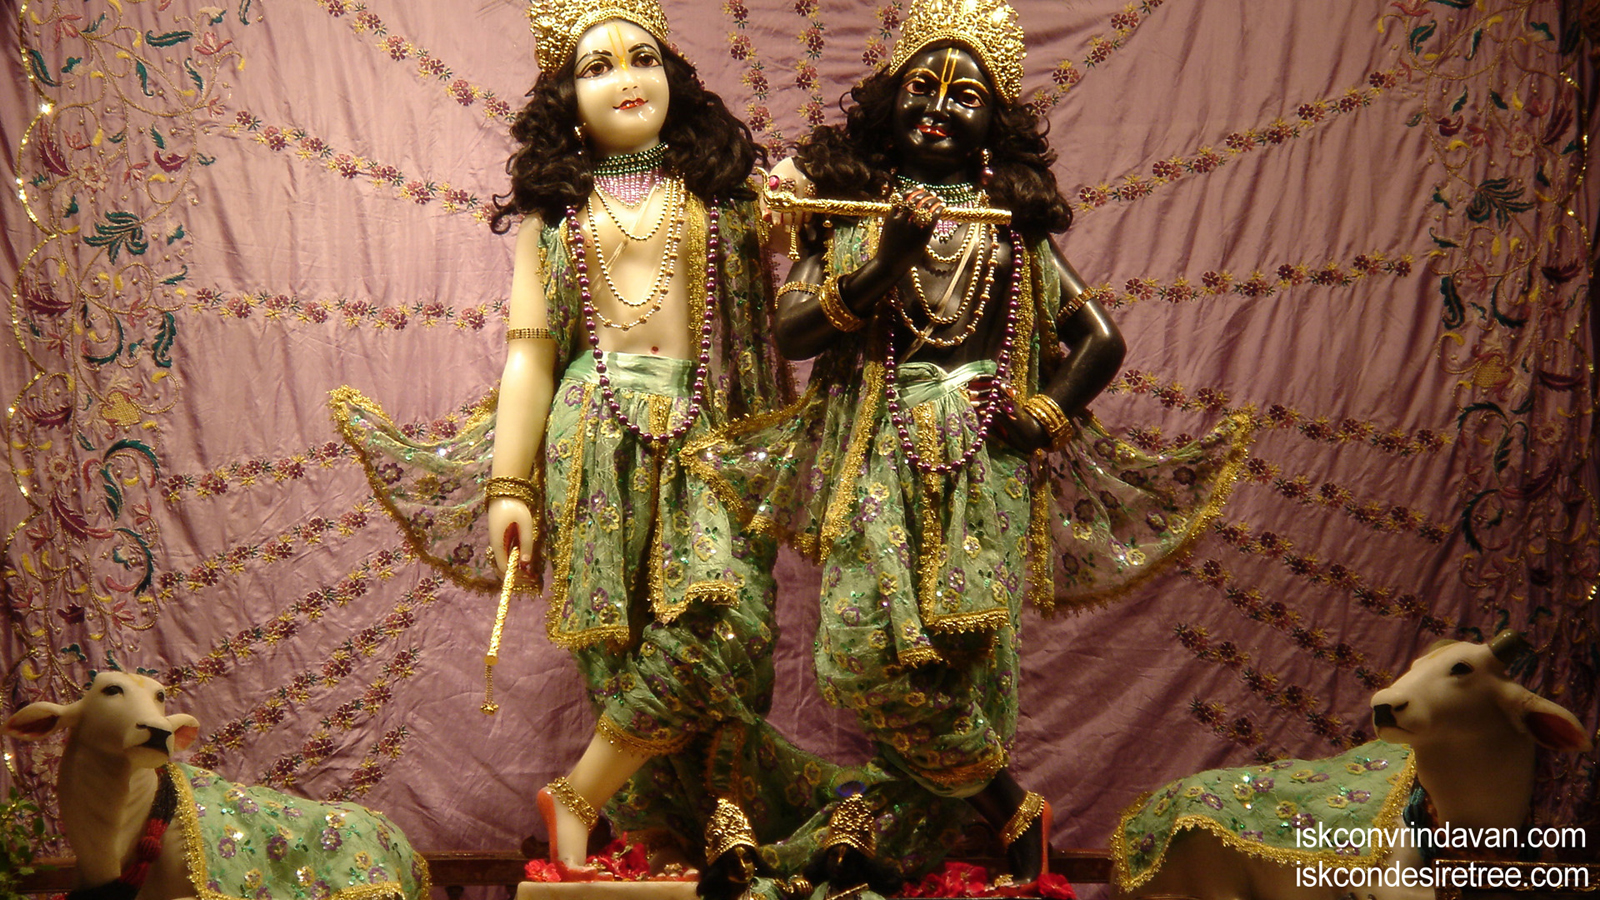 Sri Sri Krishna Balaram Wallpaper (096) Size 1600x900 Download